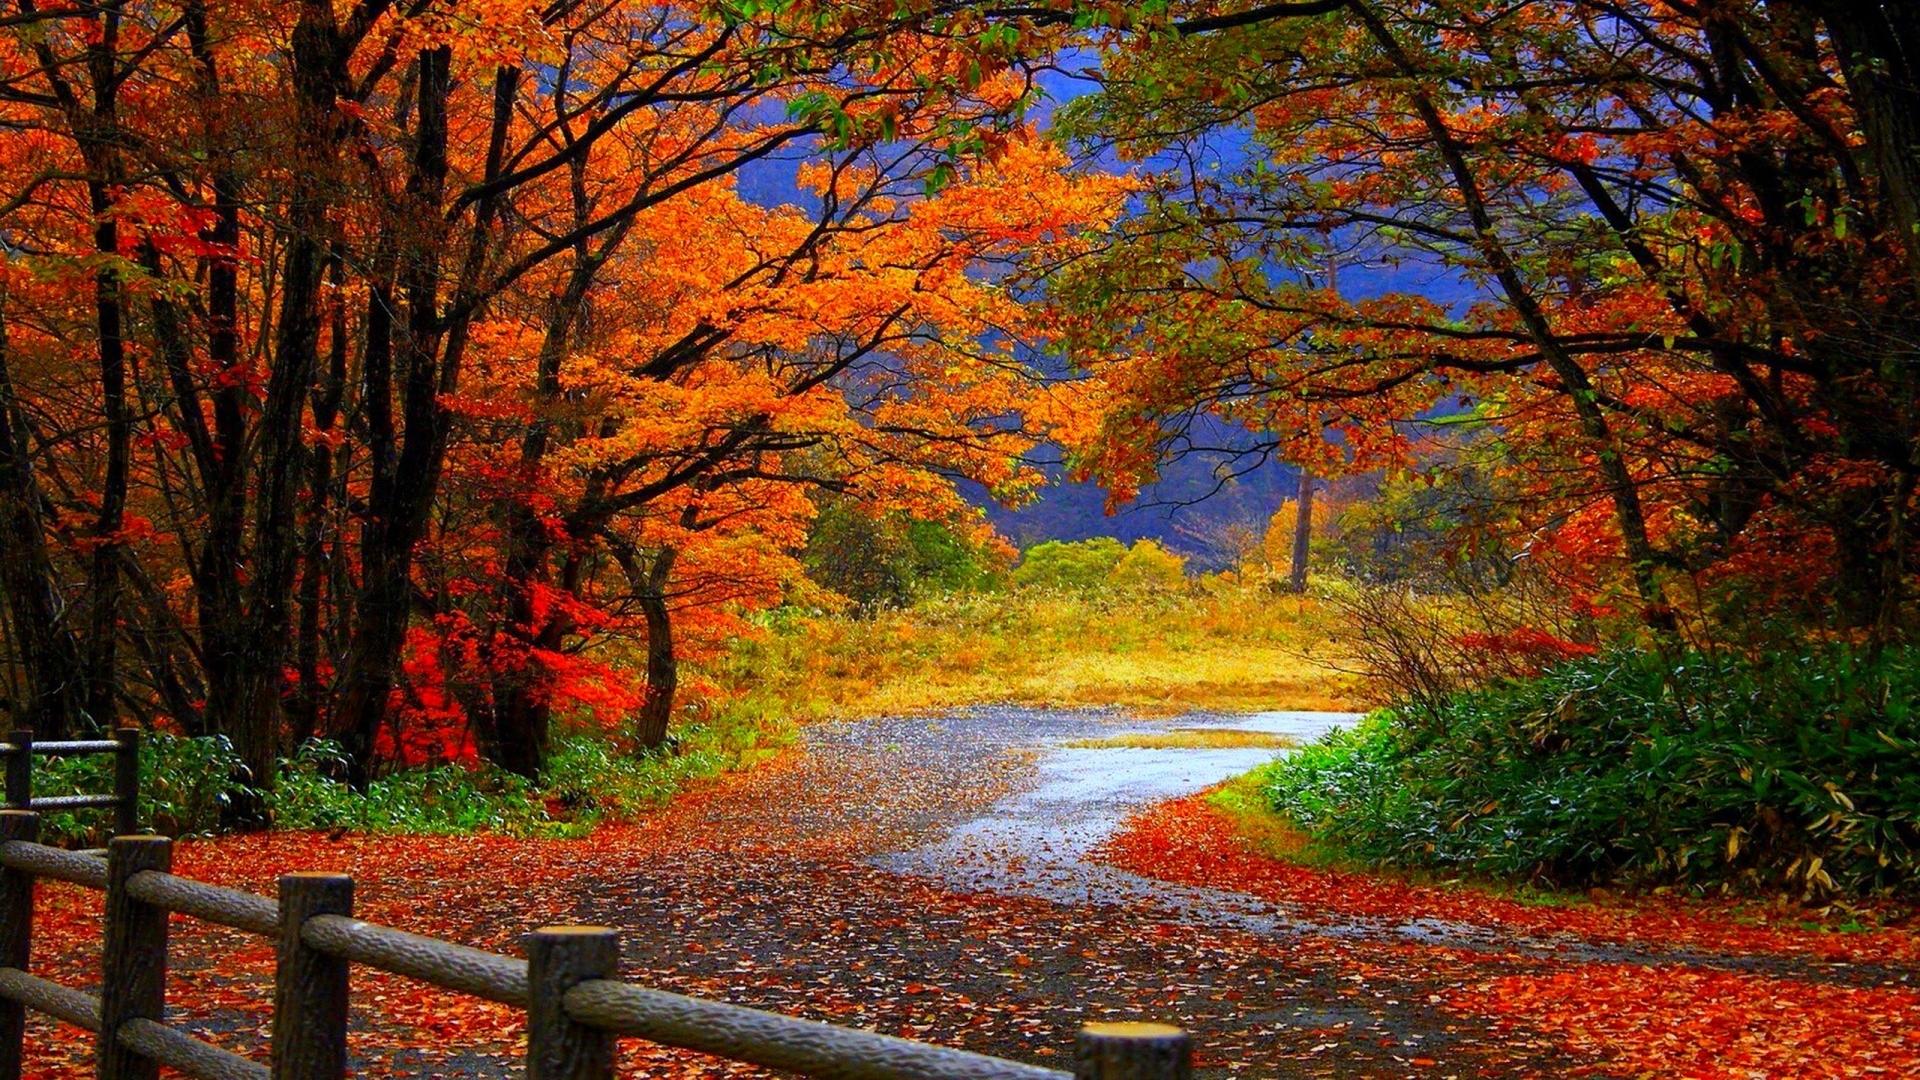 download fall desktop images. - media file | pixelstalk